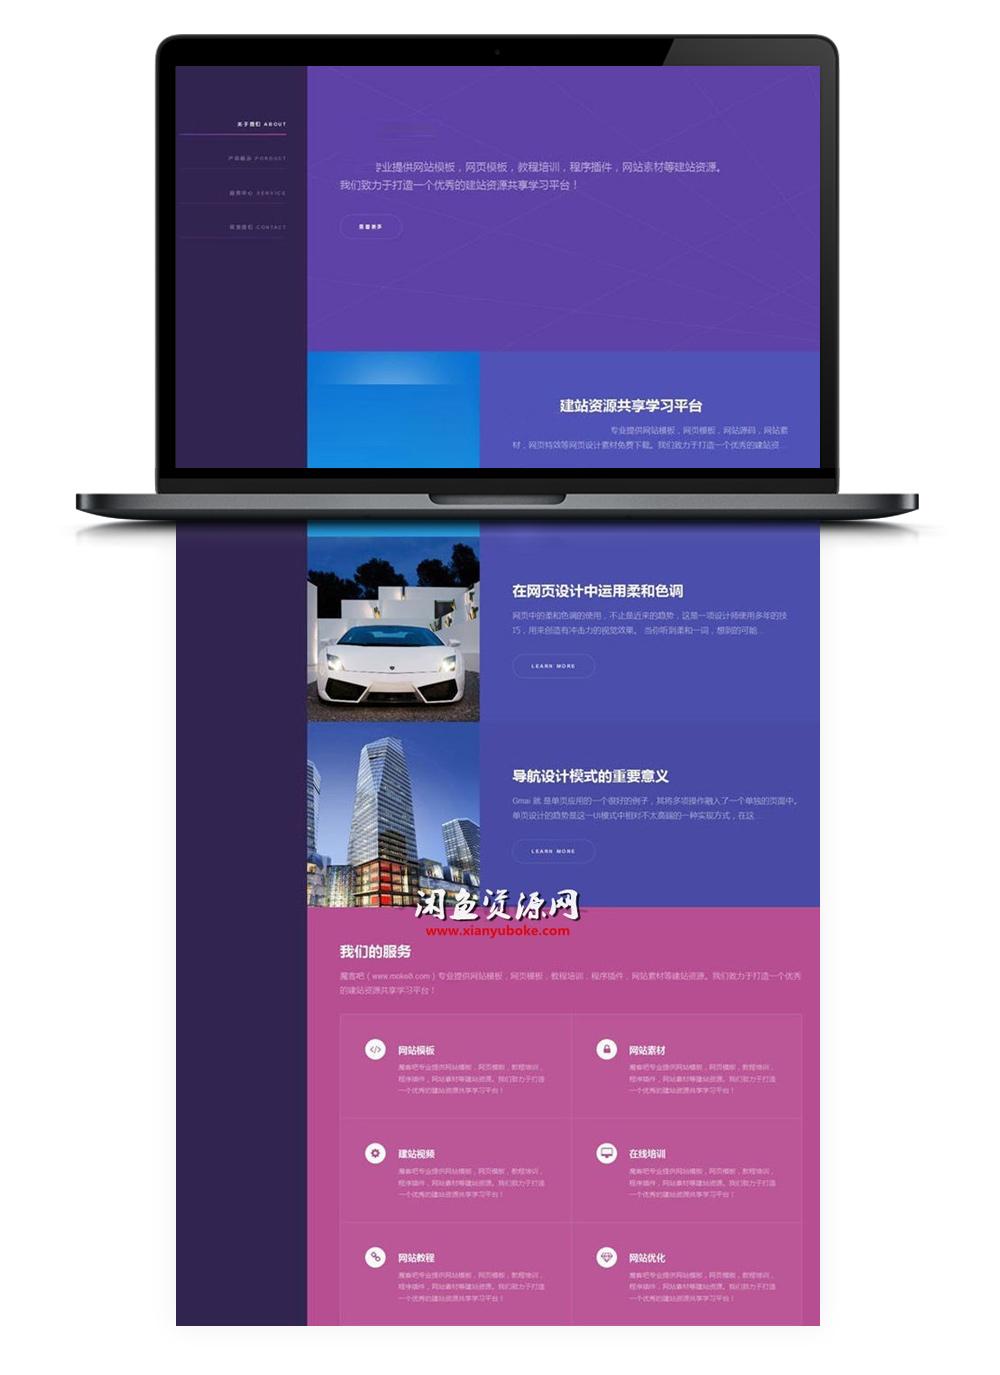 【织梦侧边企业模板】优雅炫彩侧边企业展示织梦响应式模板[DEDECMS内核]-蓝汇源码